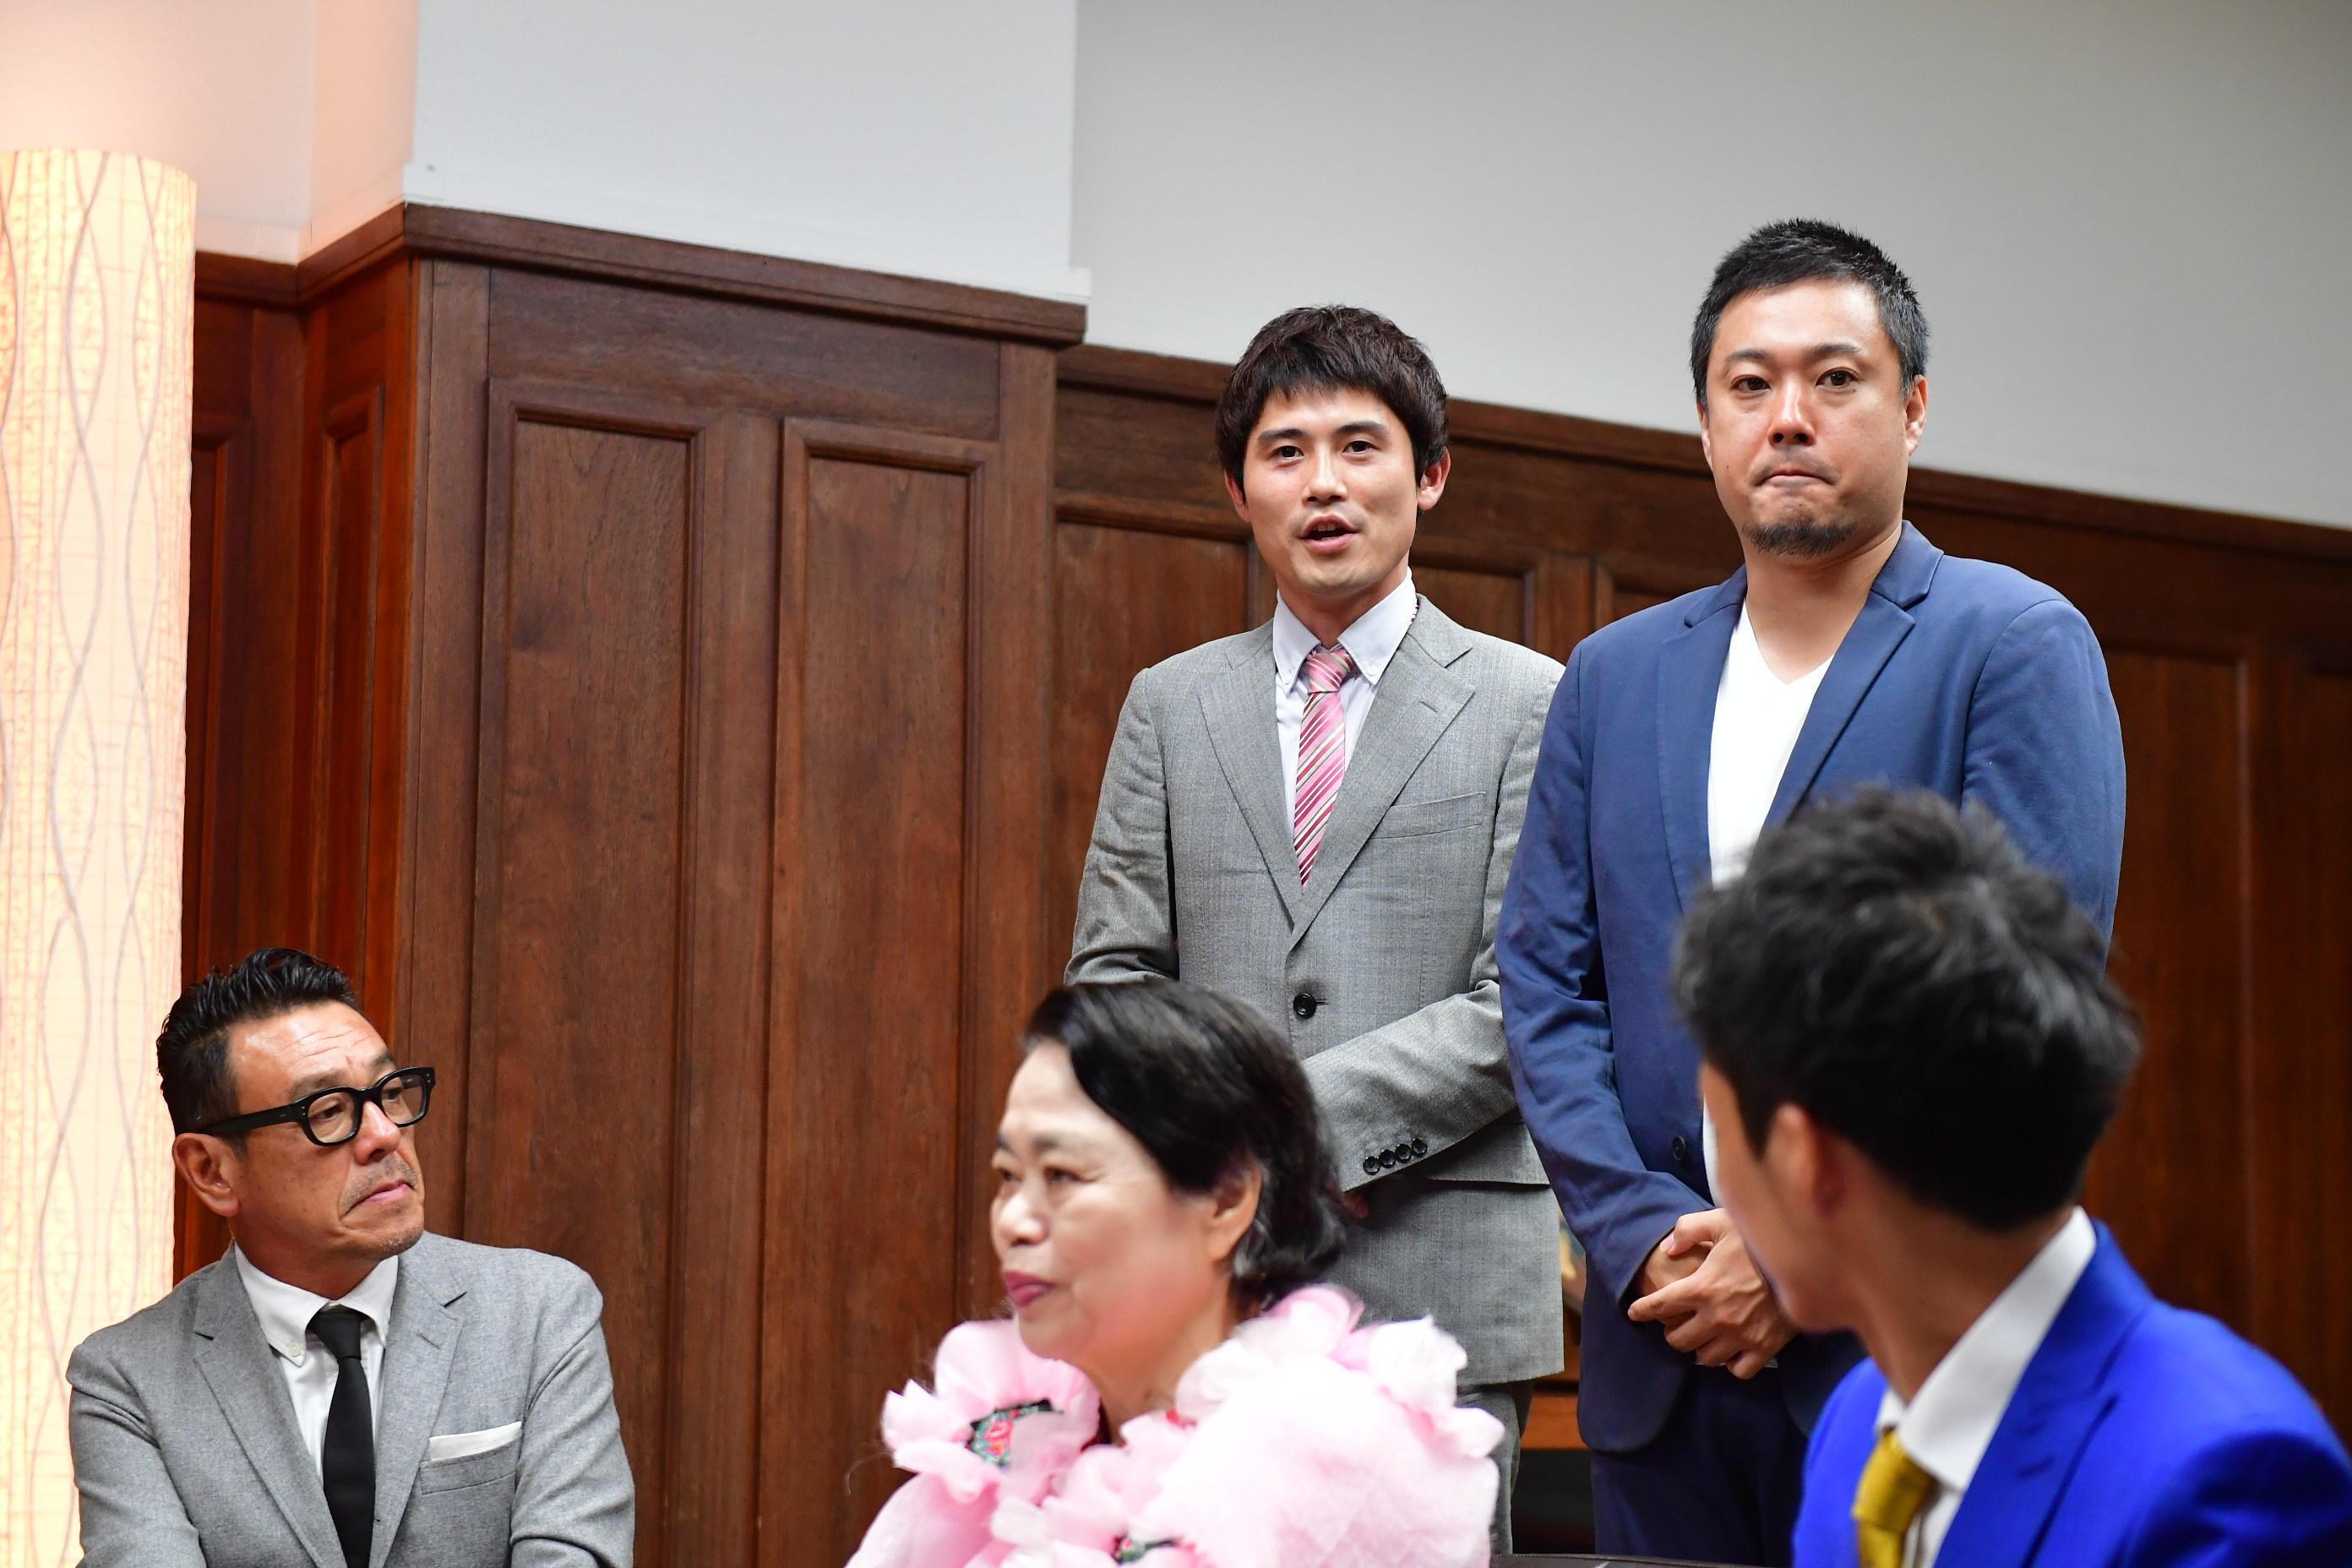 http://news.yoshimoto.co.jp/20180828182816-858d4ca9d6709f58a042ce5910e884f2992aa2fc.jpg